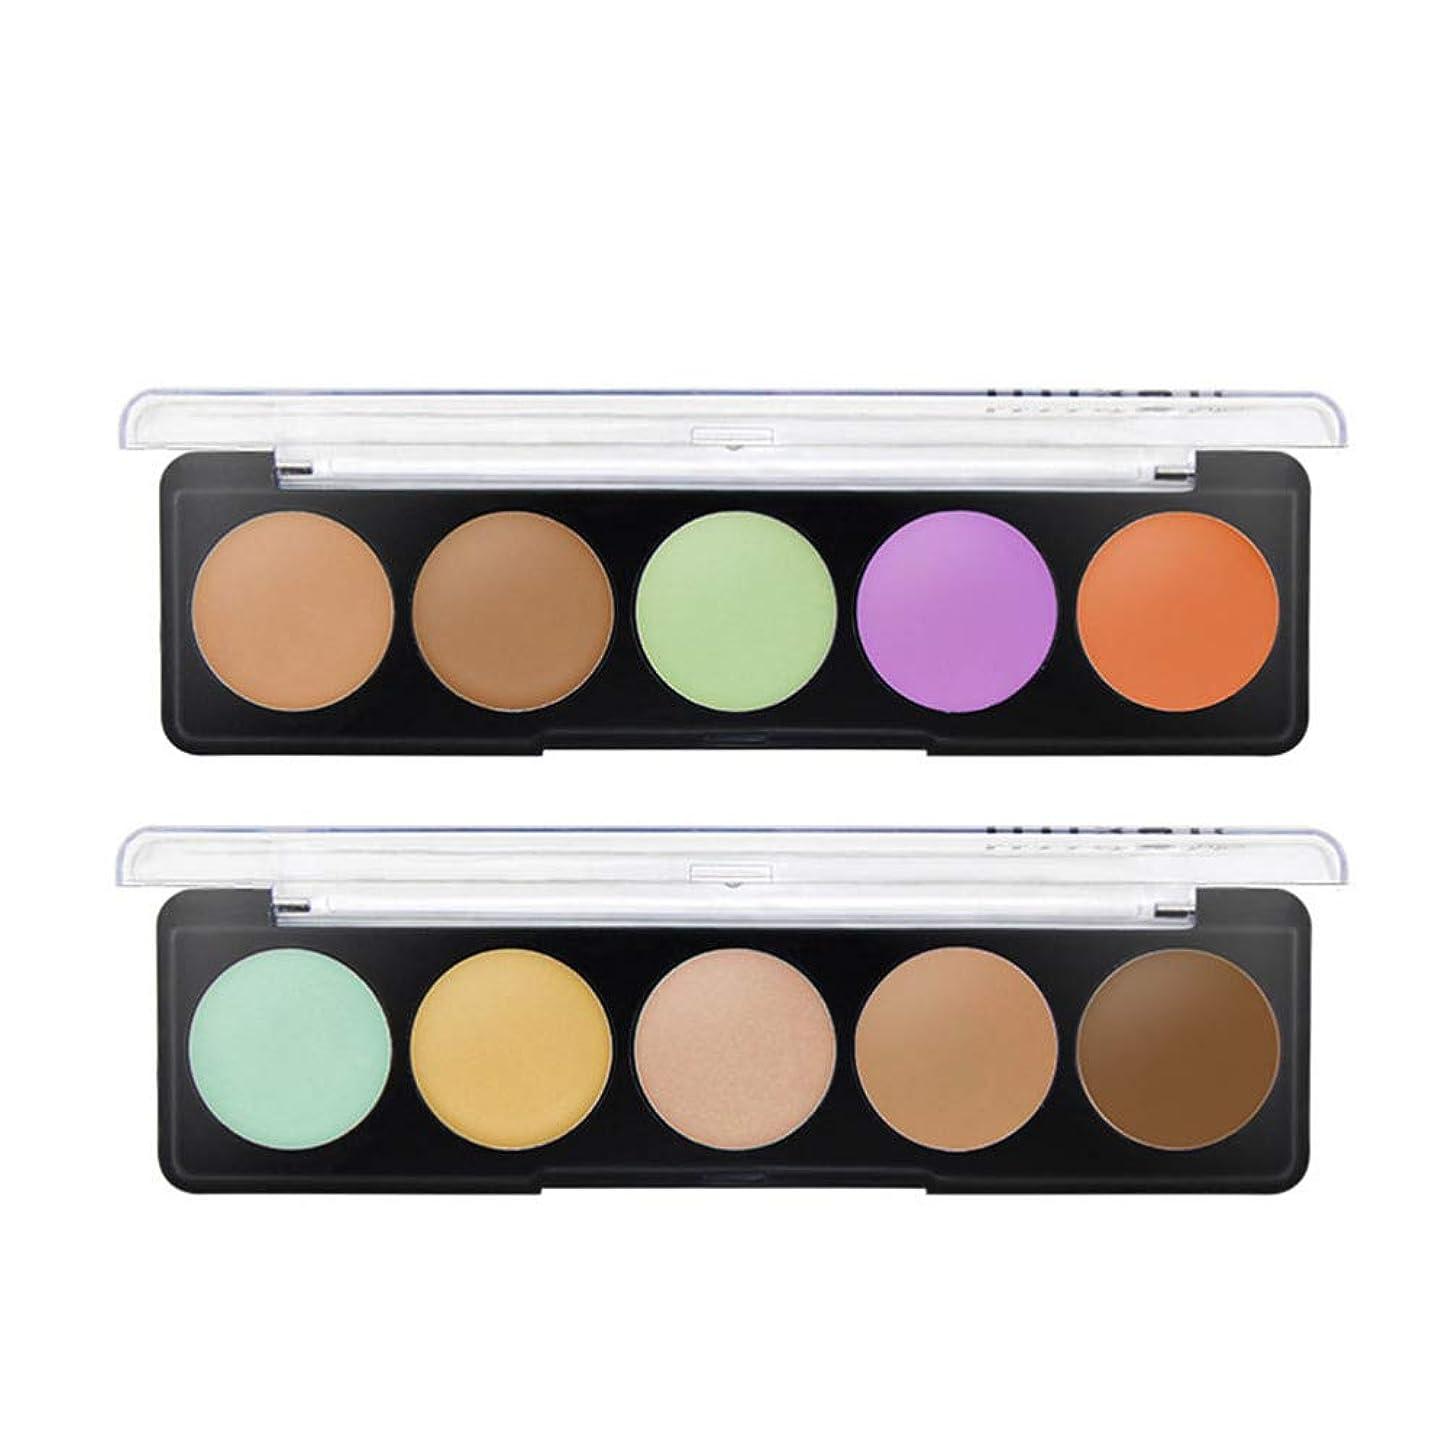 処理熟達した好きLurrose メイクアップファンデーションを強調する6色の化粧品コンシーラーパレットクリーム輪郭の2セット